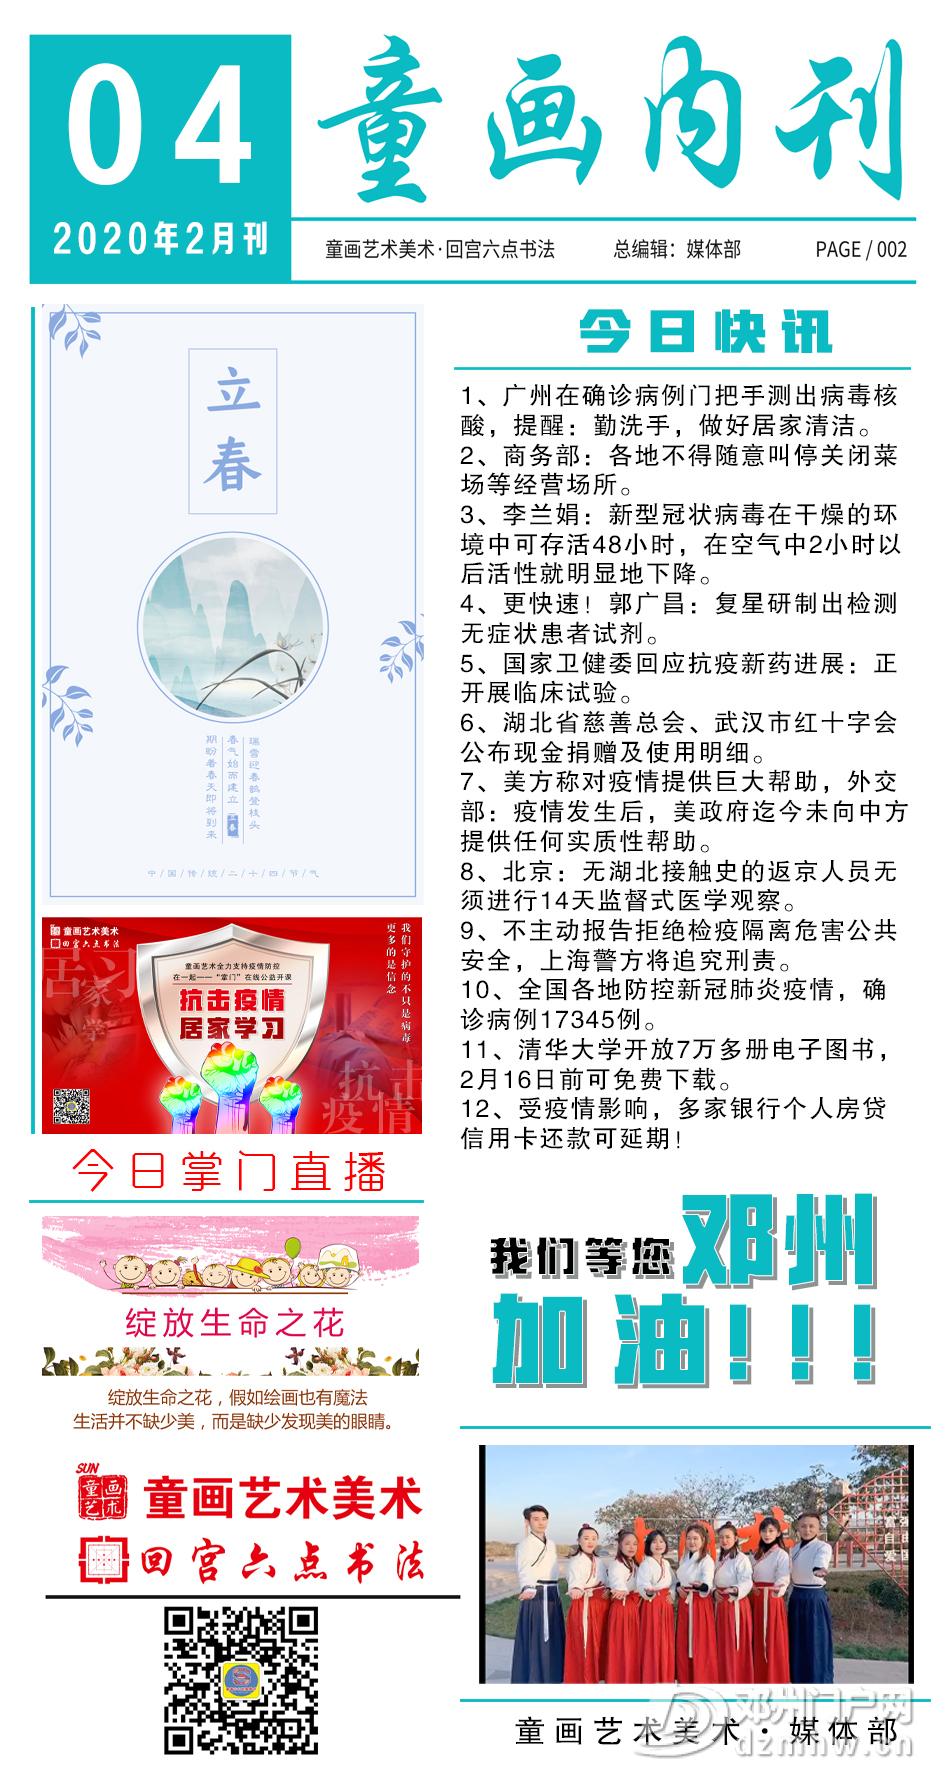 童画艺术——今日线上课程 - 邓州门户网 邓州网 - 2-4.jpg